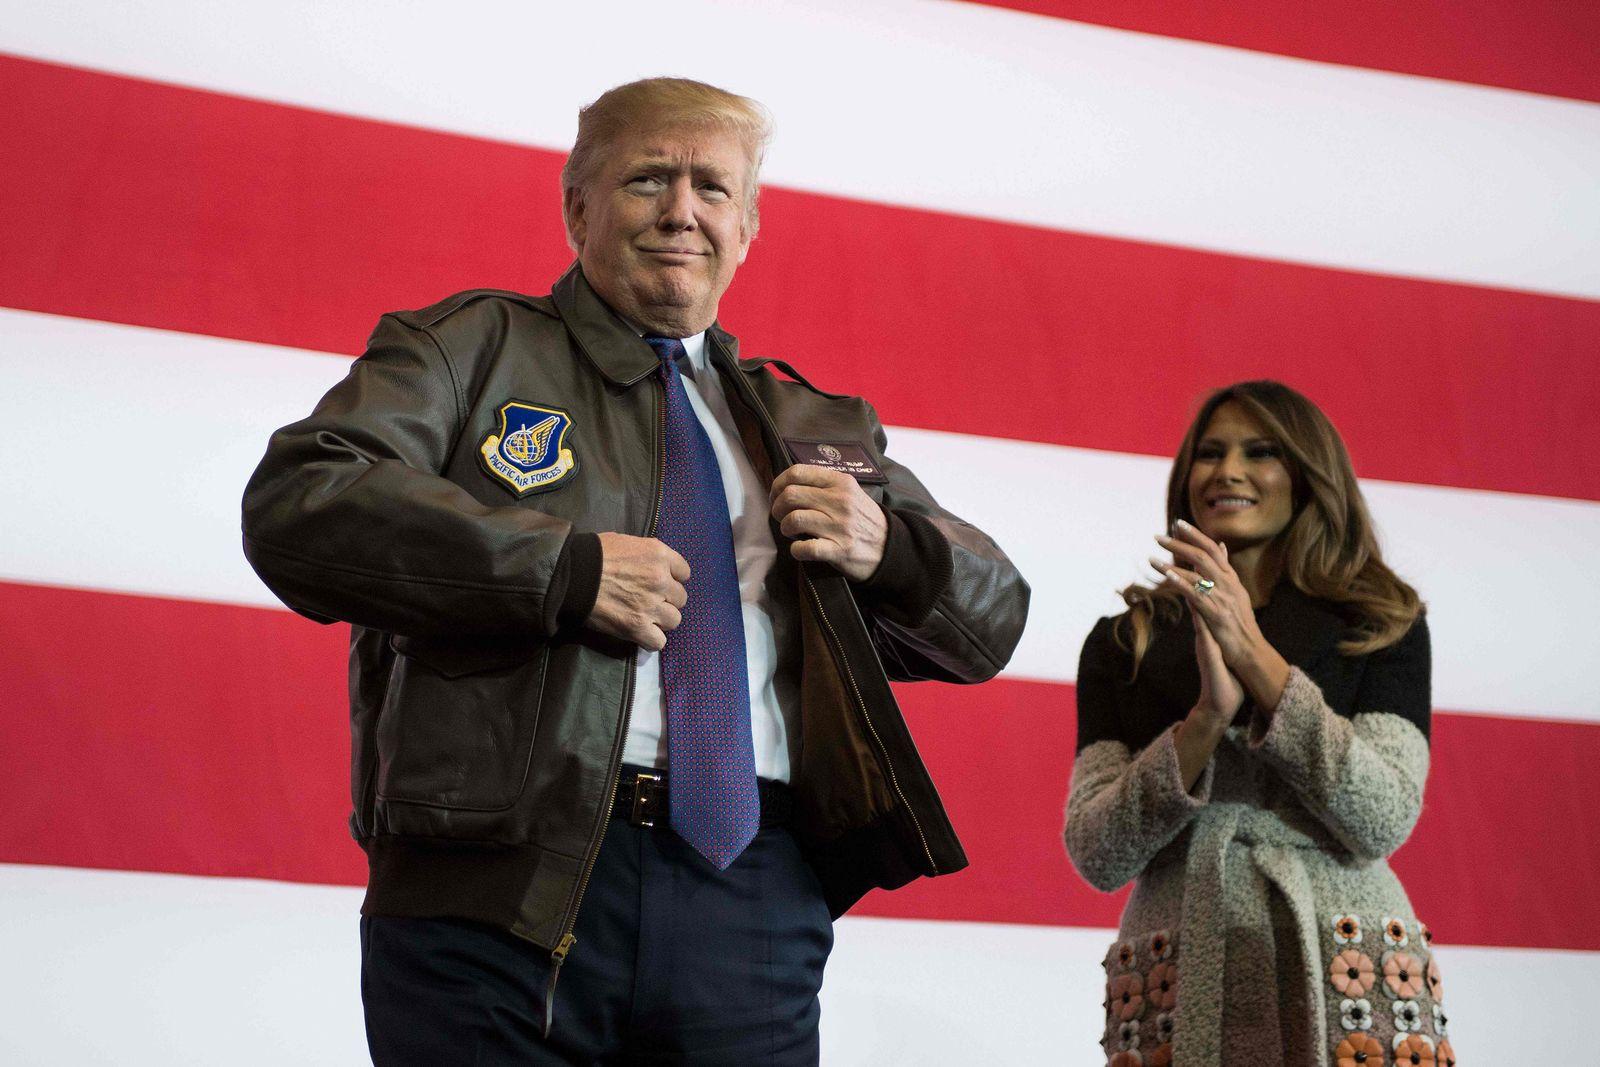 Trump/ Yokota Air Base